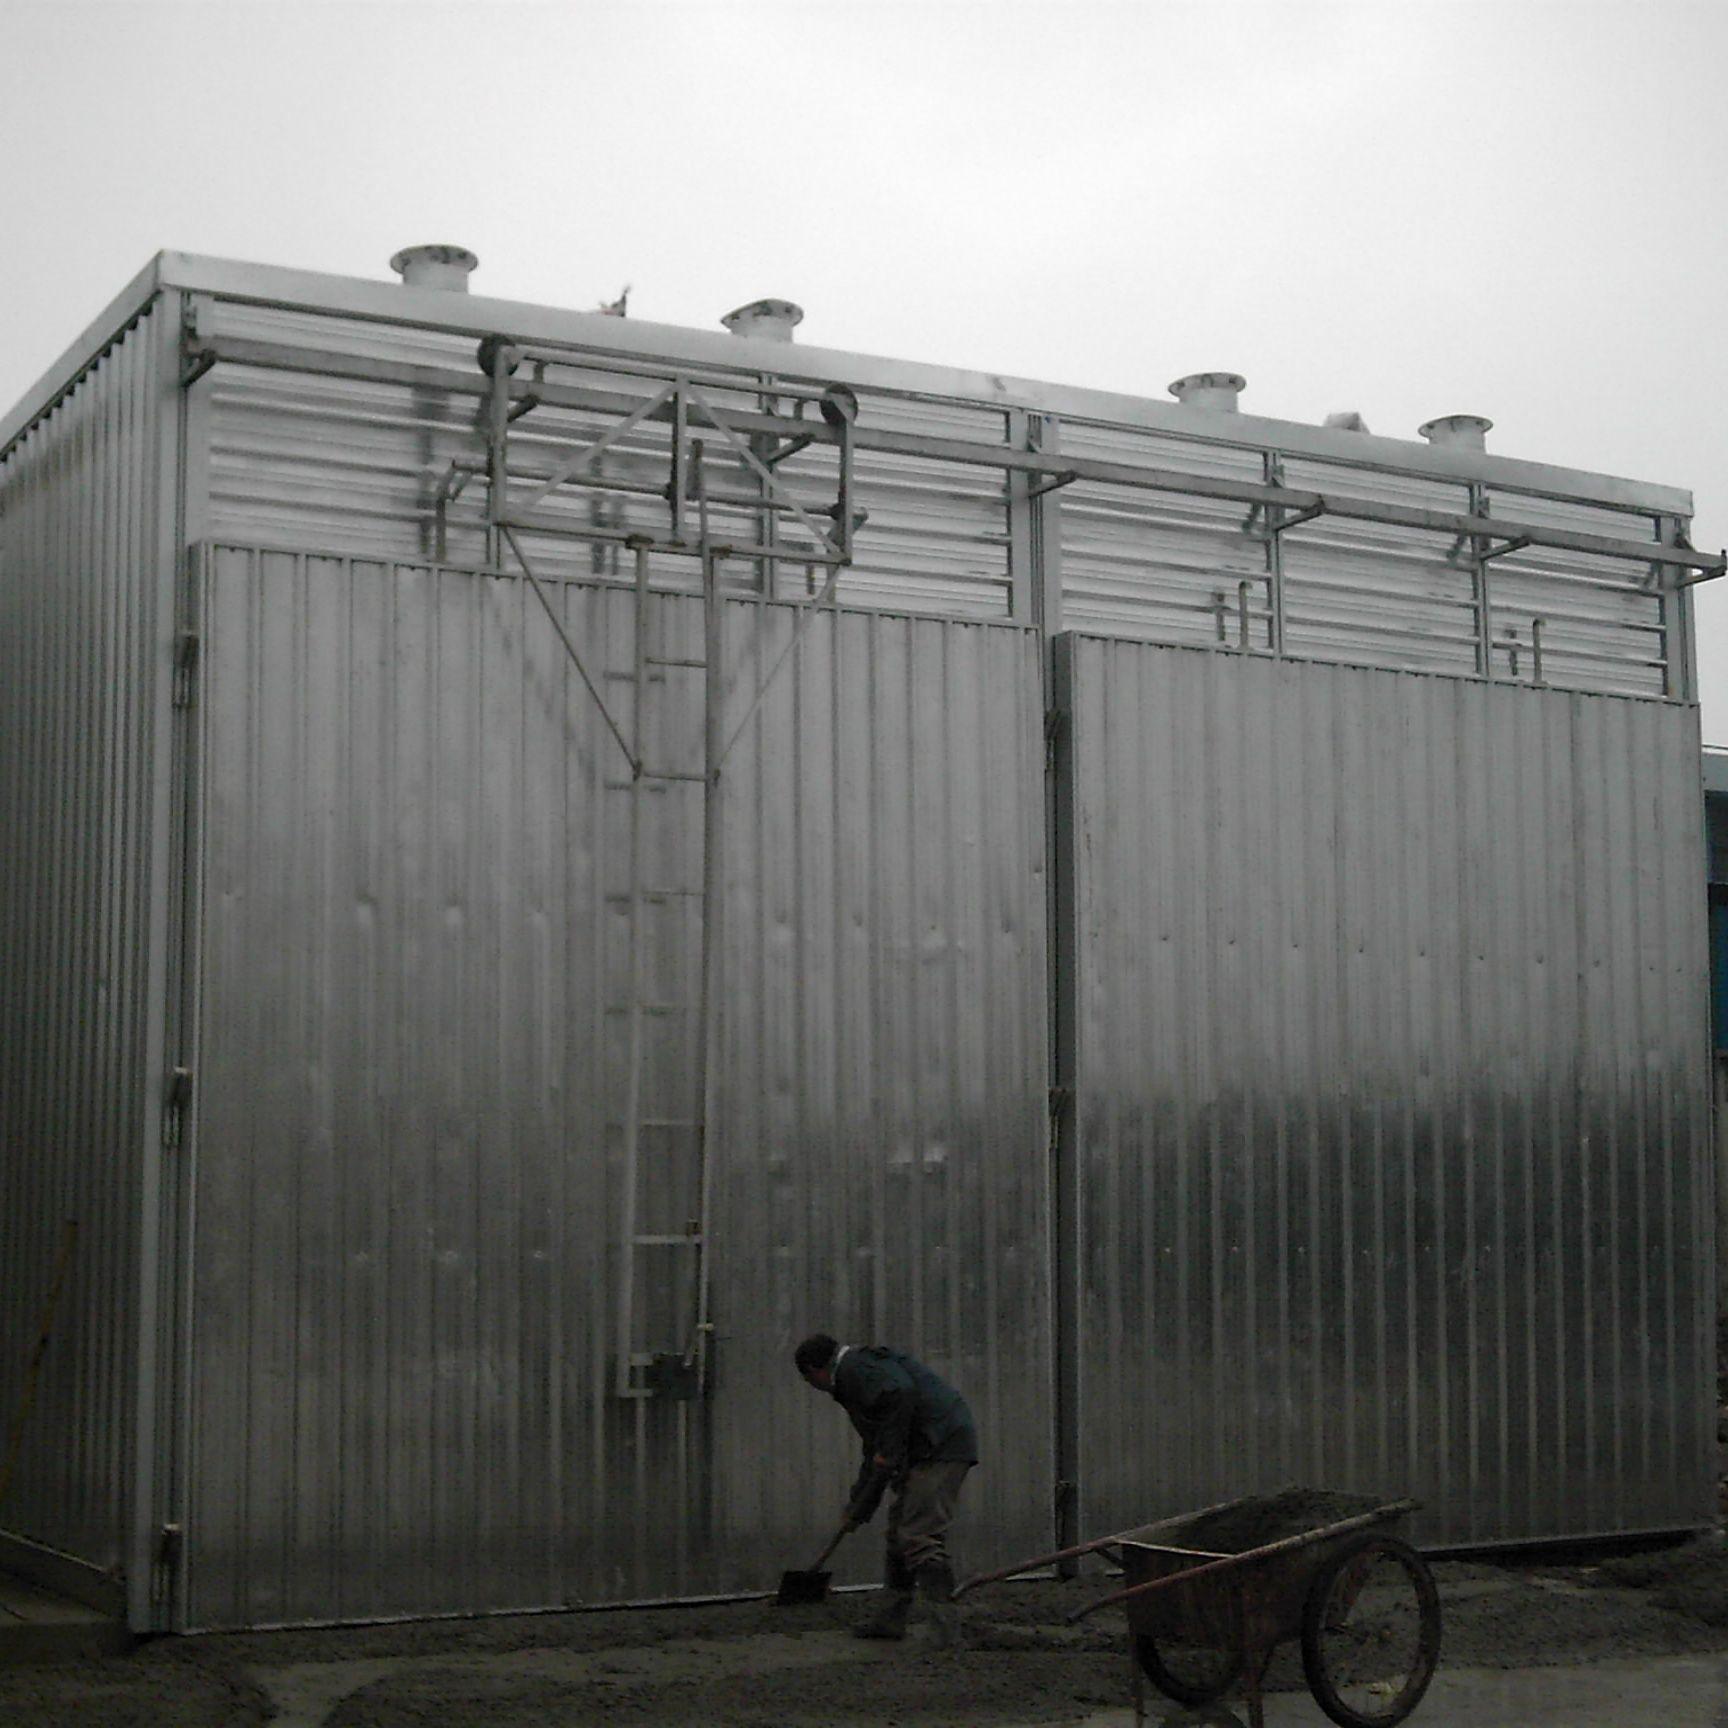 常规木材干燥窑 常规木材干燥设备定制 南京木材干燥窑 木材干燥窑厂家